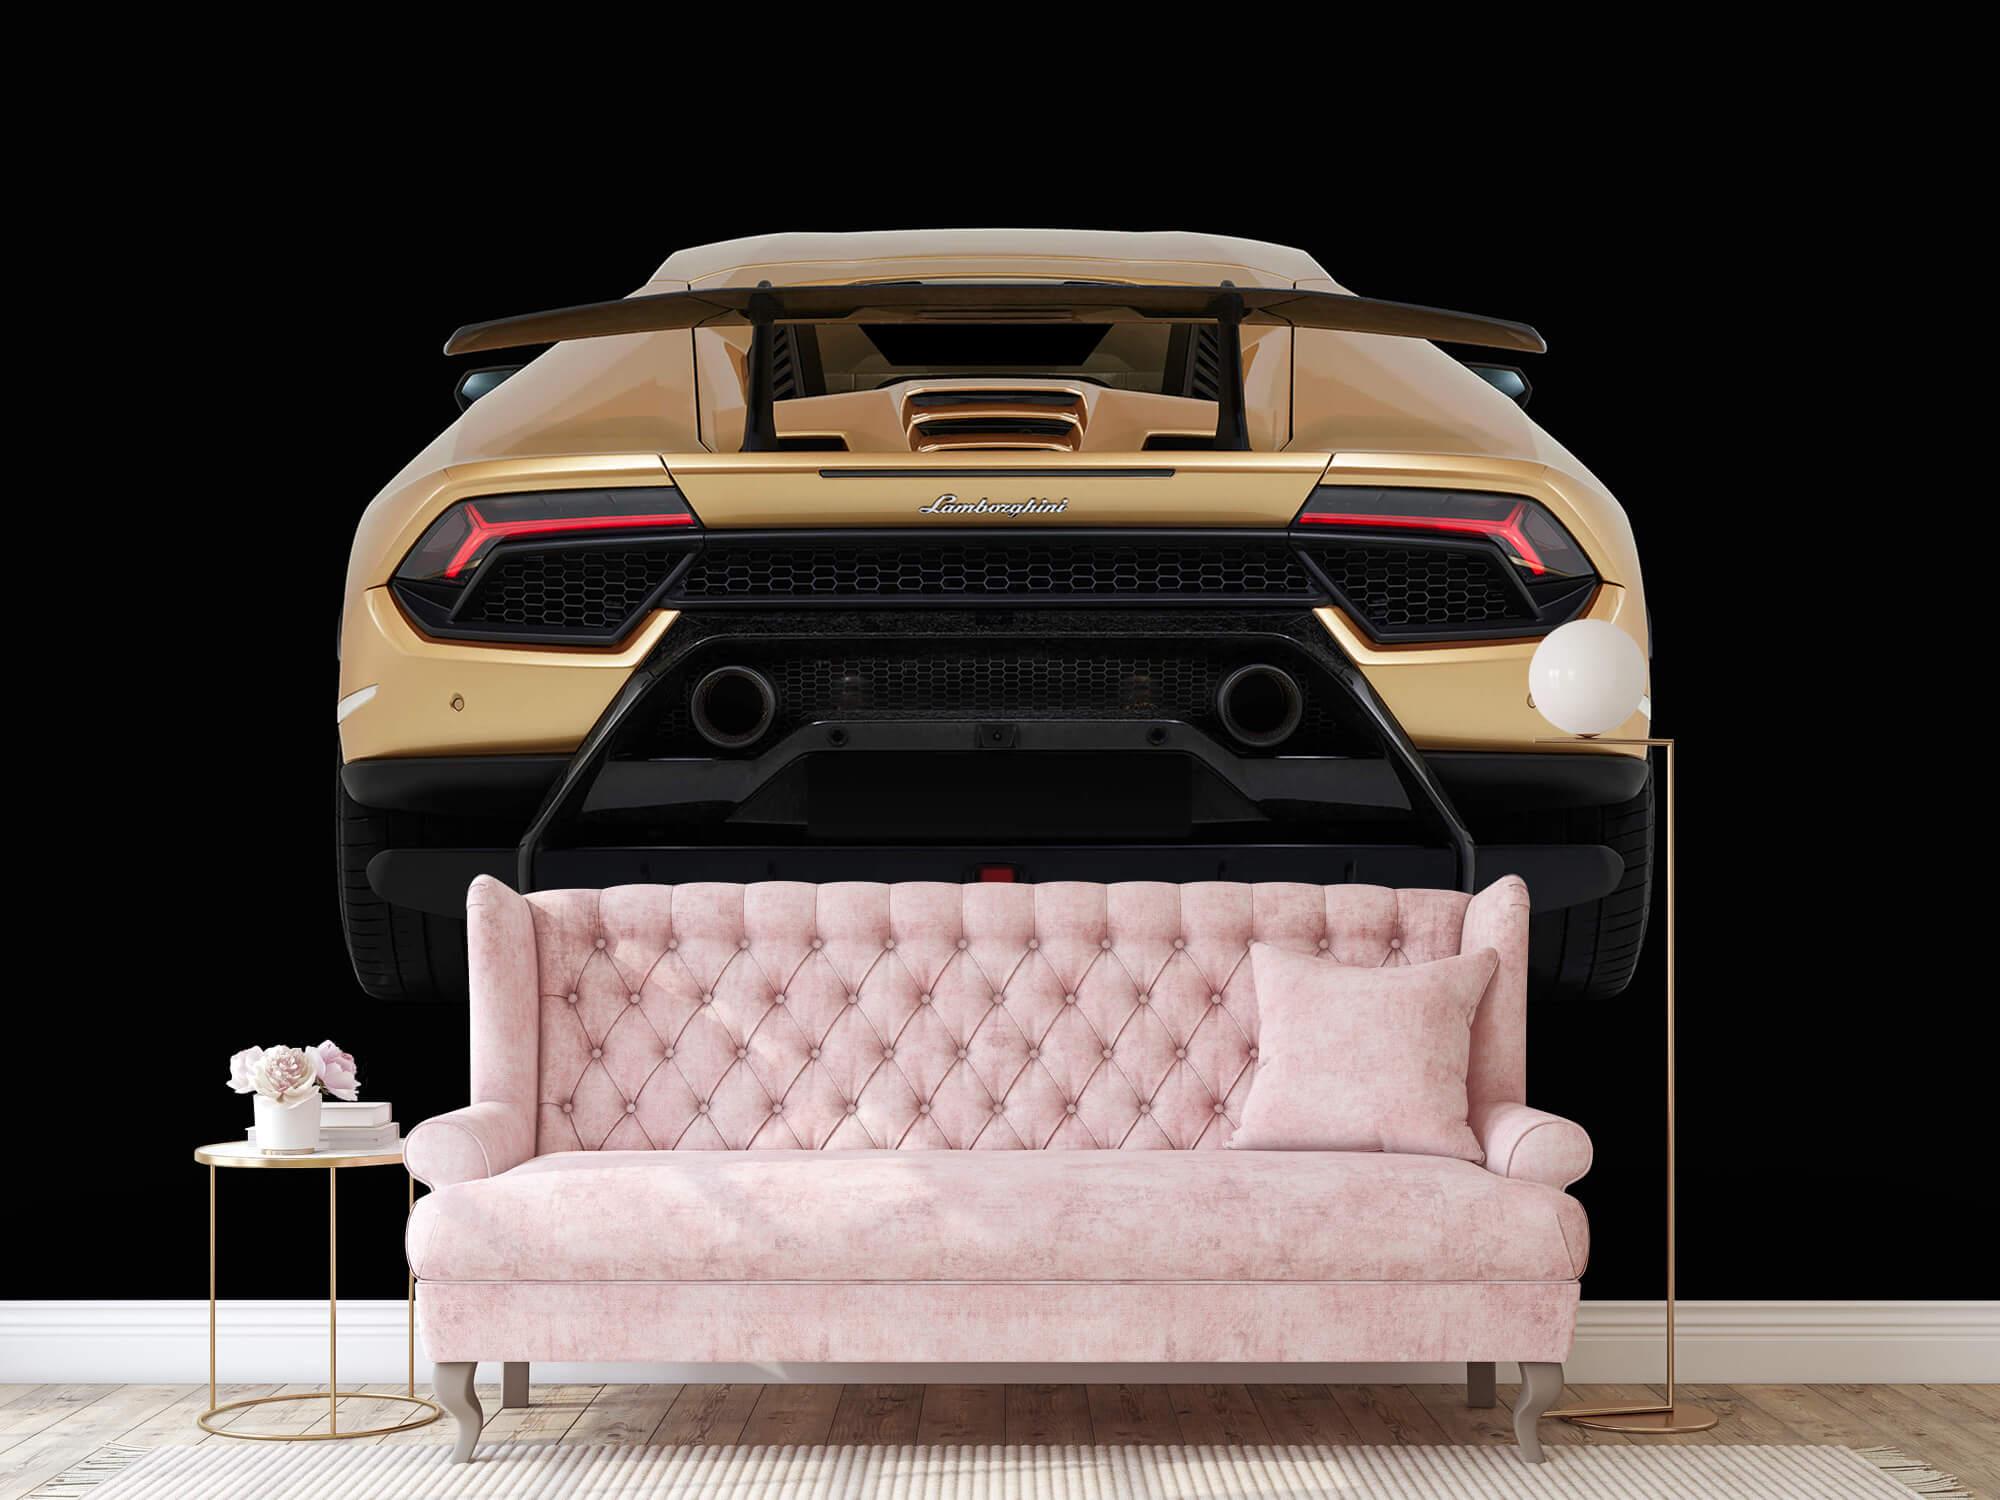 Wallpaper Lamborghini Huracán - Bak, svart 13